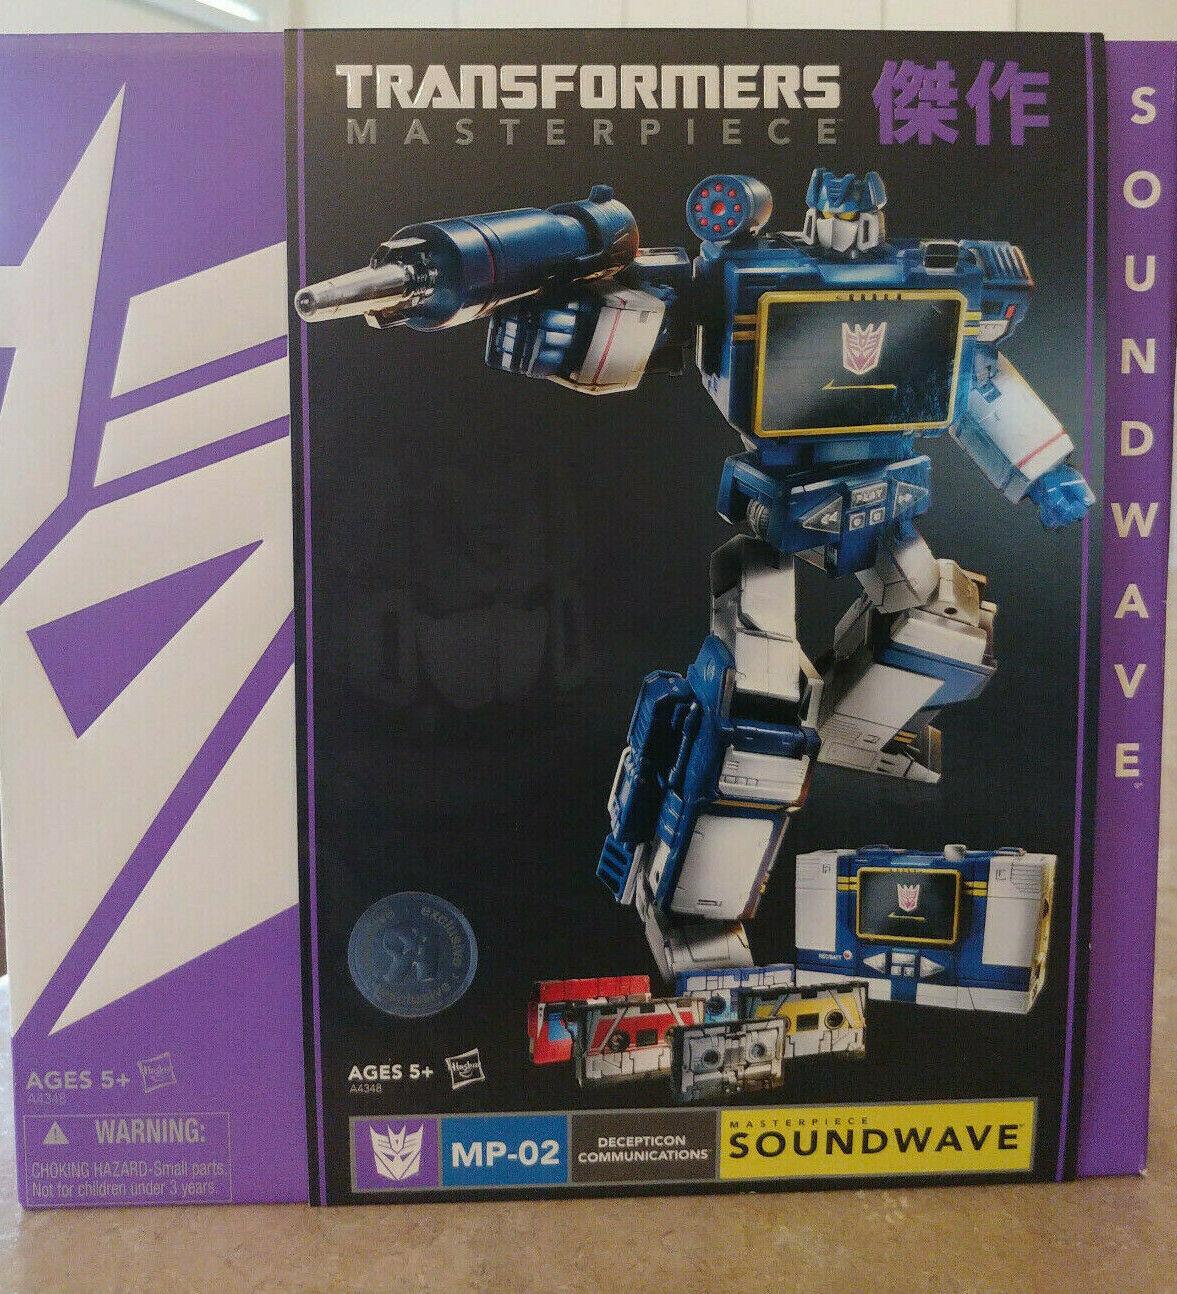 Transformers Masterpiece Soundwave, MP-02, 2013 TRU Exclusive